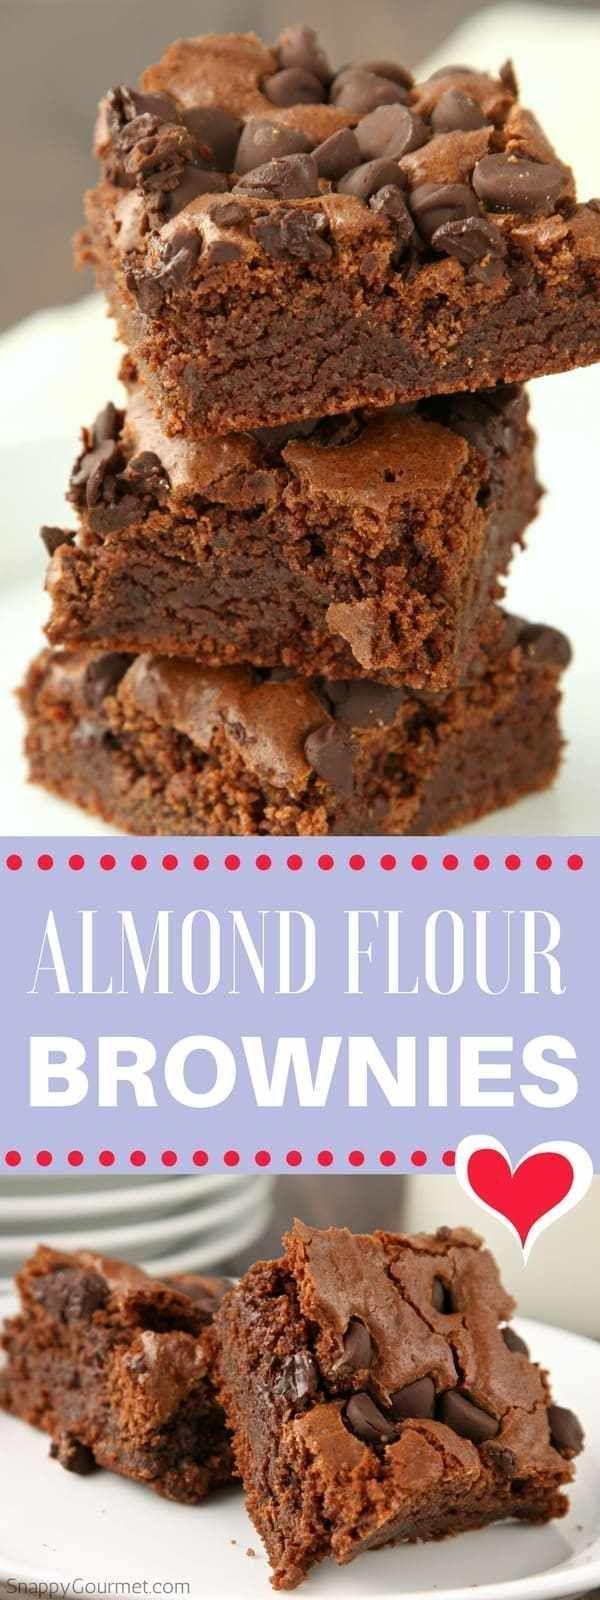 Receta de brownies de harina de almendras – brownies caseros faciles de hacer fudgy sin gluten -